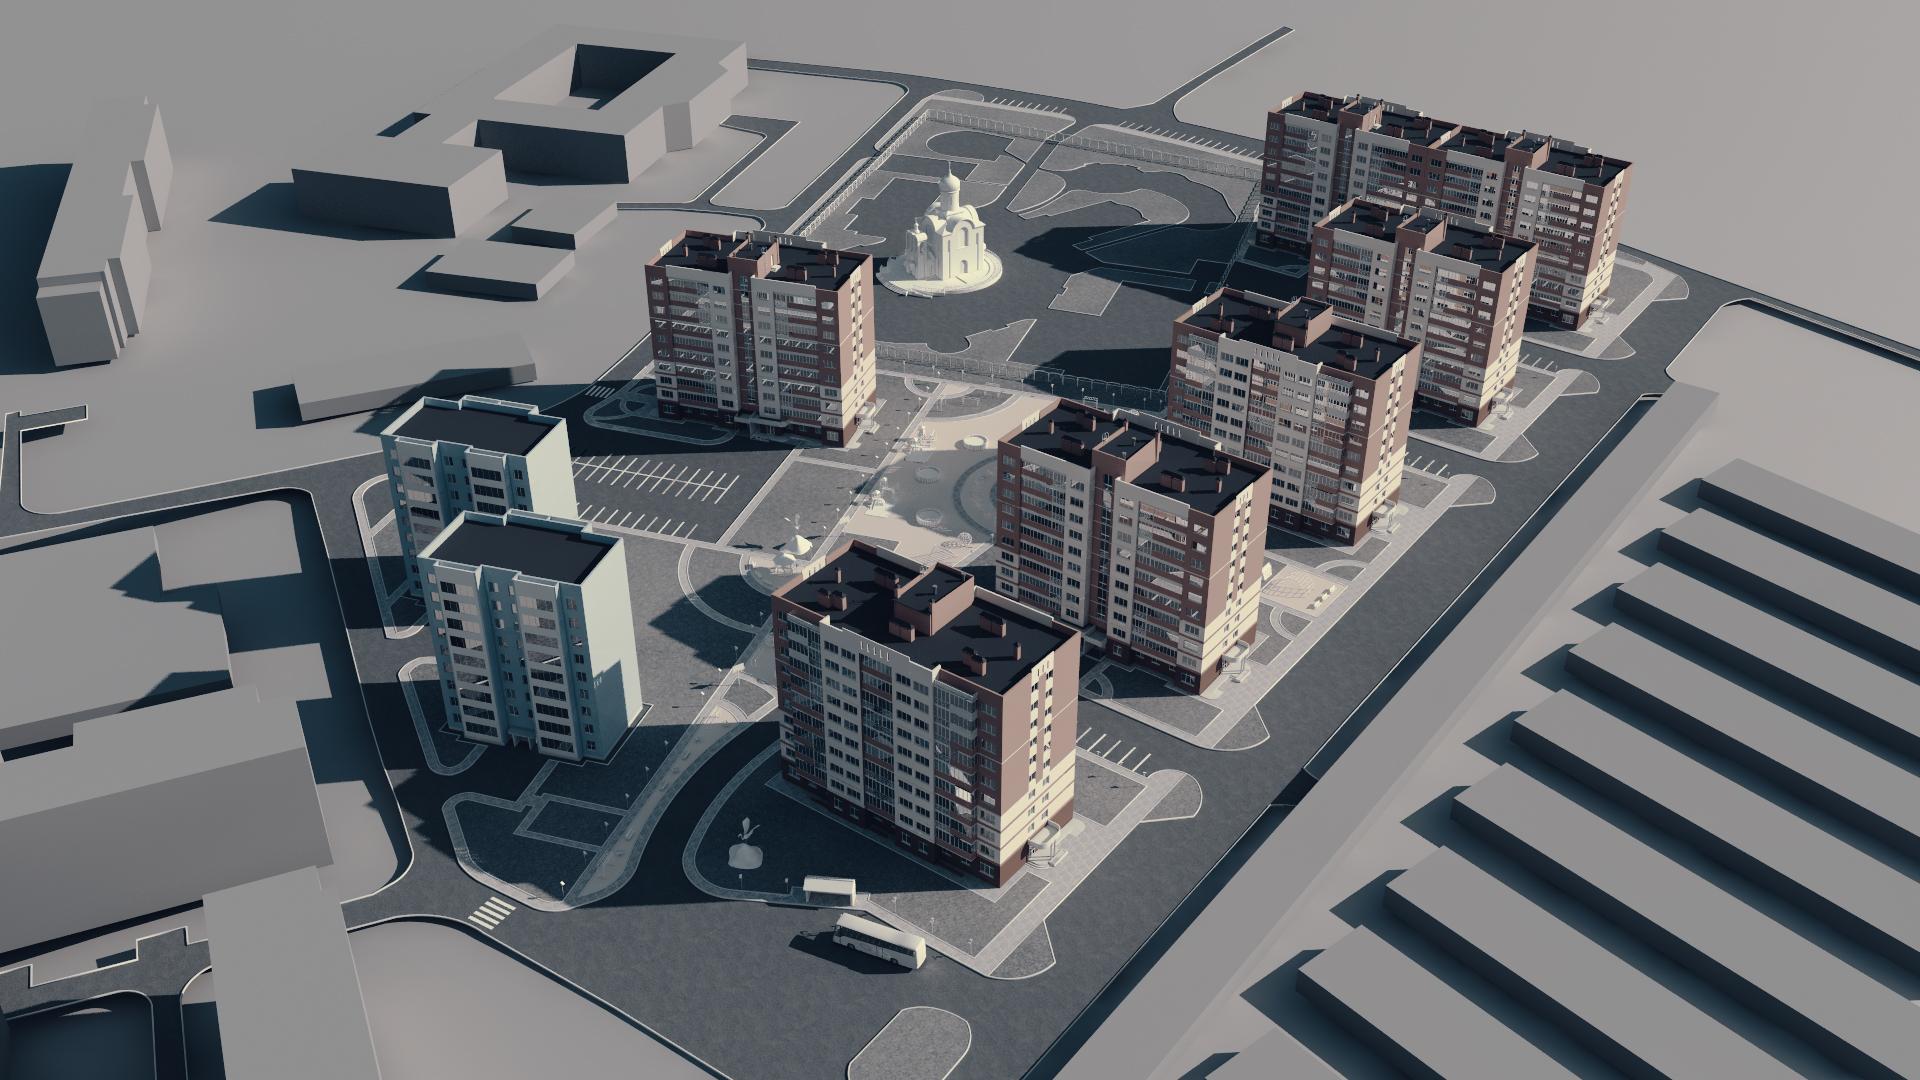 Архитектурная 3д-анимация. Композинг